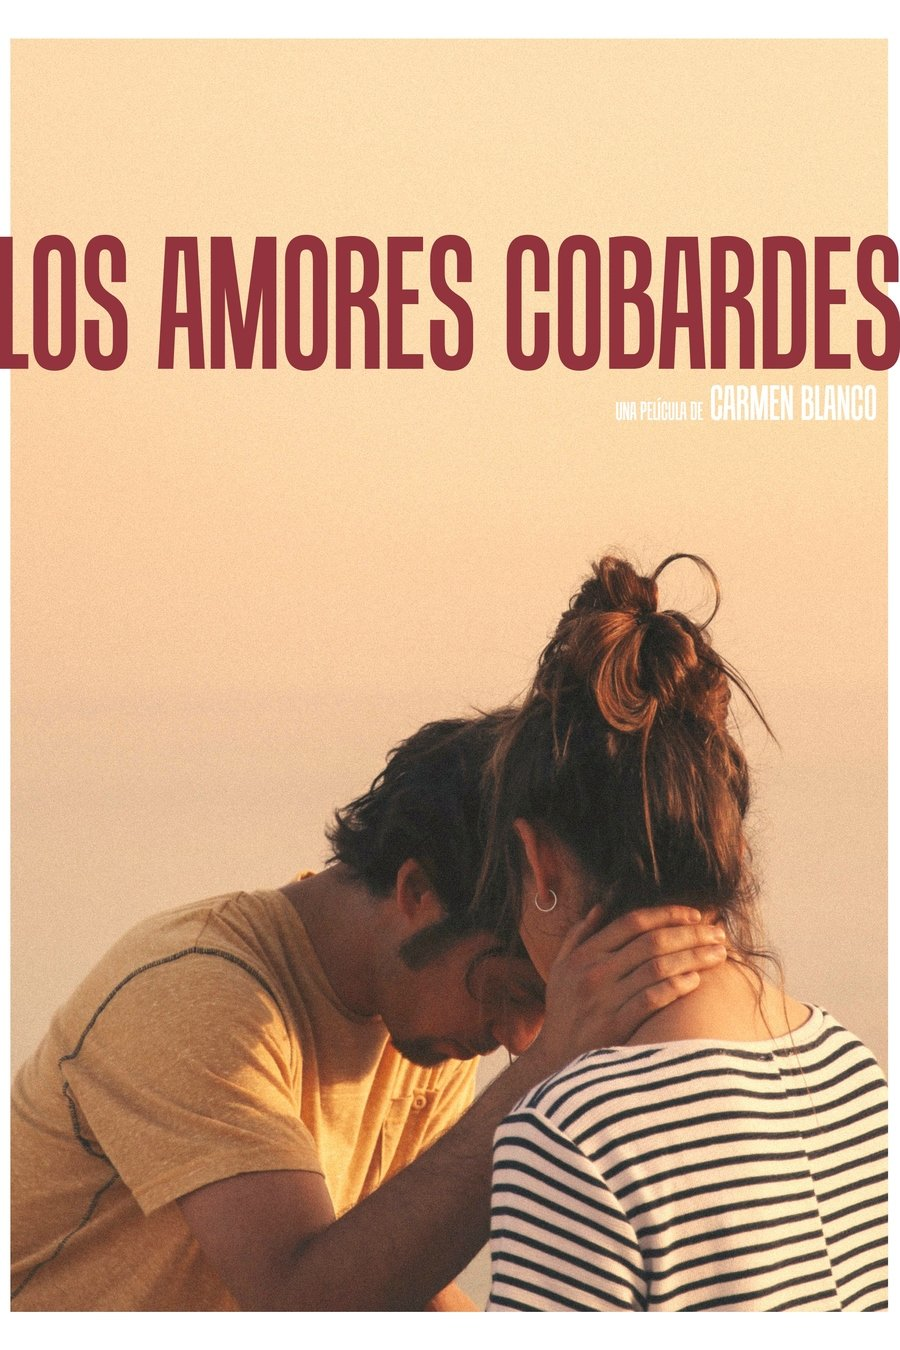 Los amores cobardes